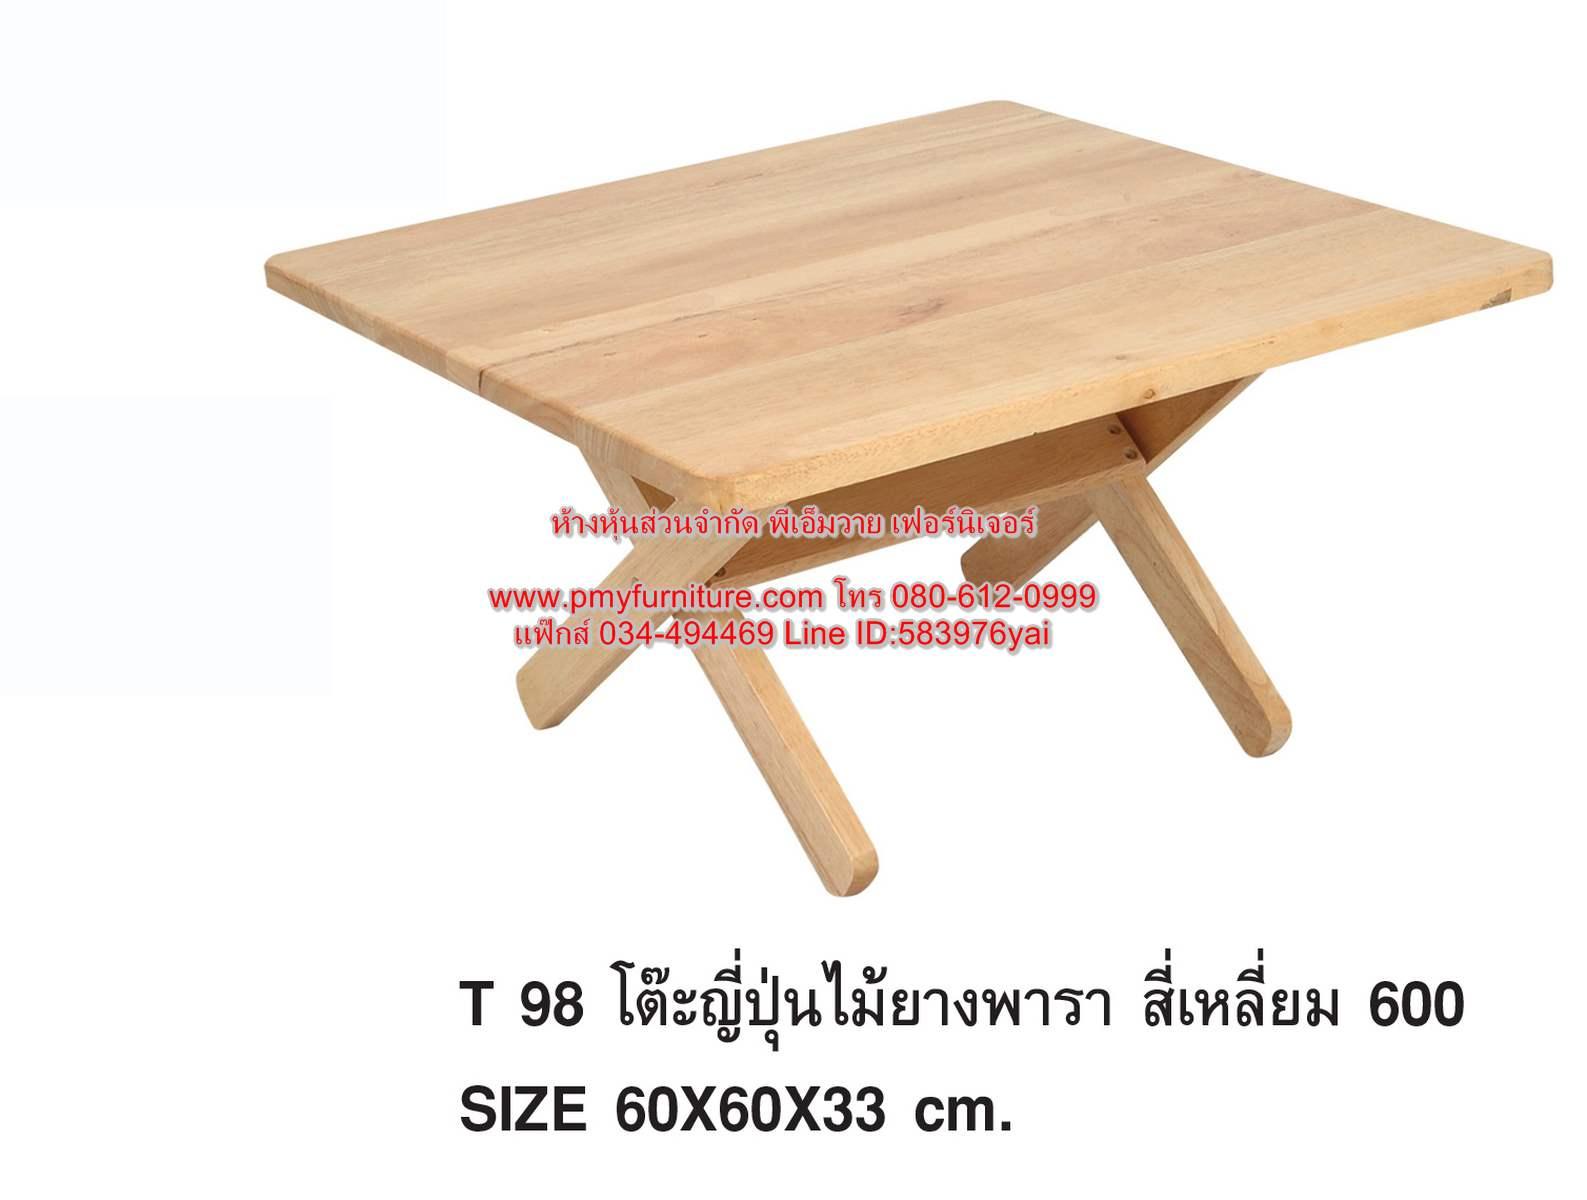 PMY24-4 โต๊ะญี่ปุ่นเหลี่ยม ไม้ยางพารา ขนาด 60x60x33 ซม.